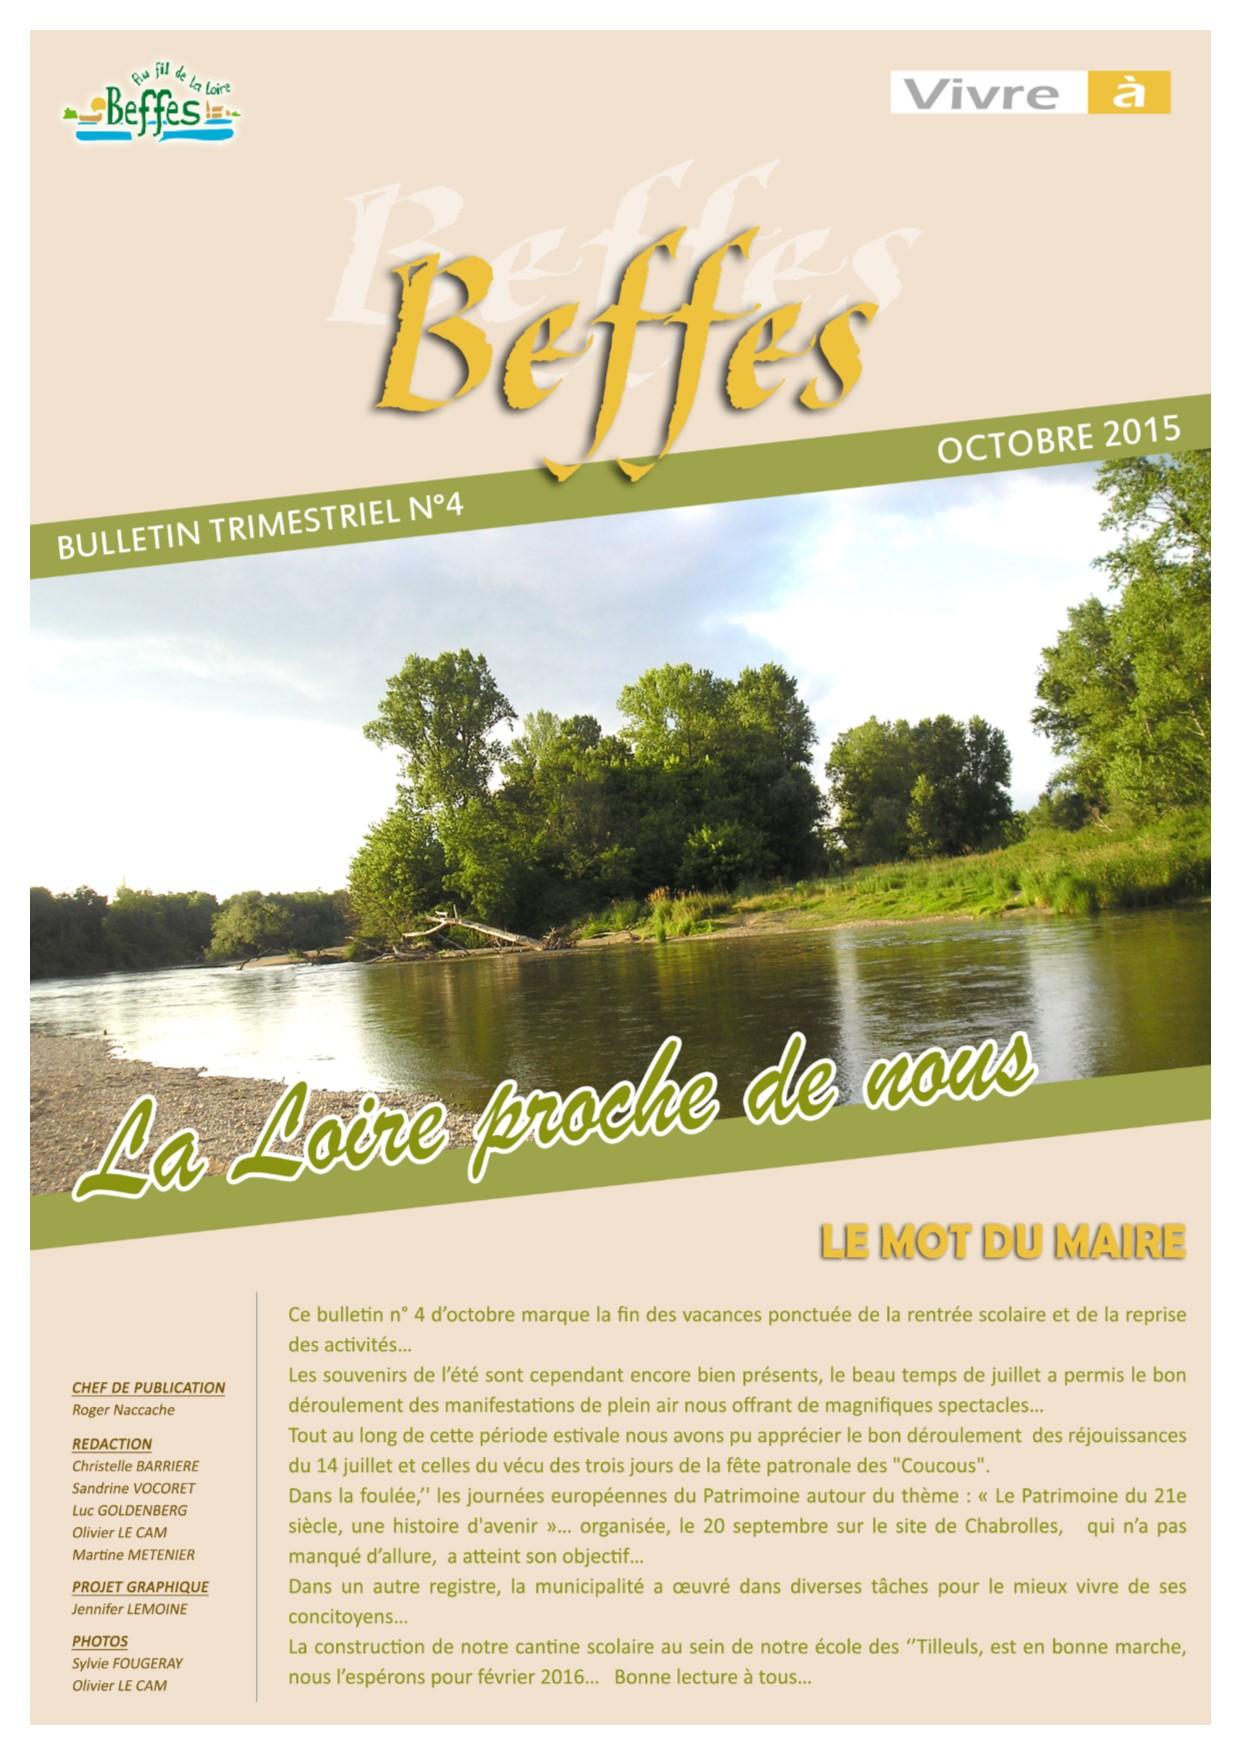 Bulletin cotobre 2015